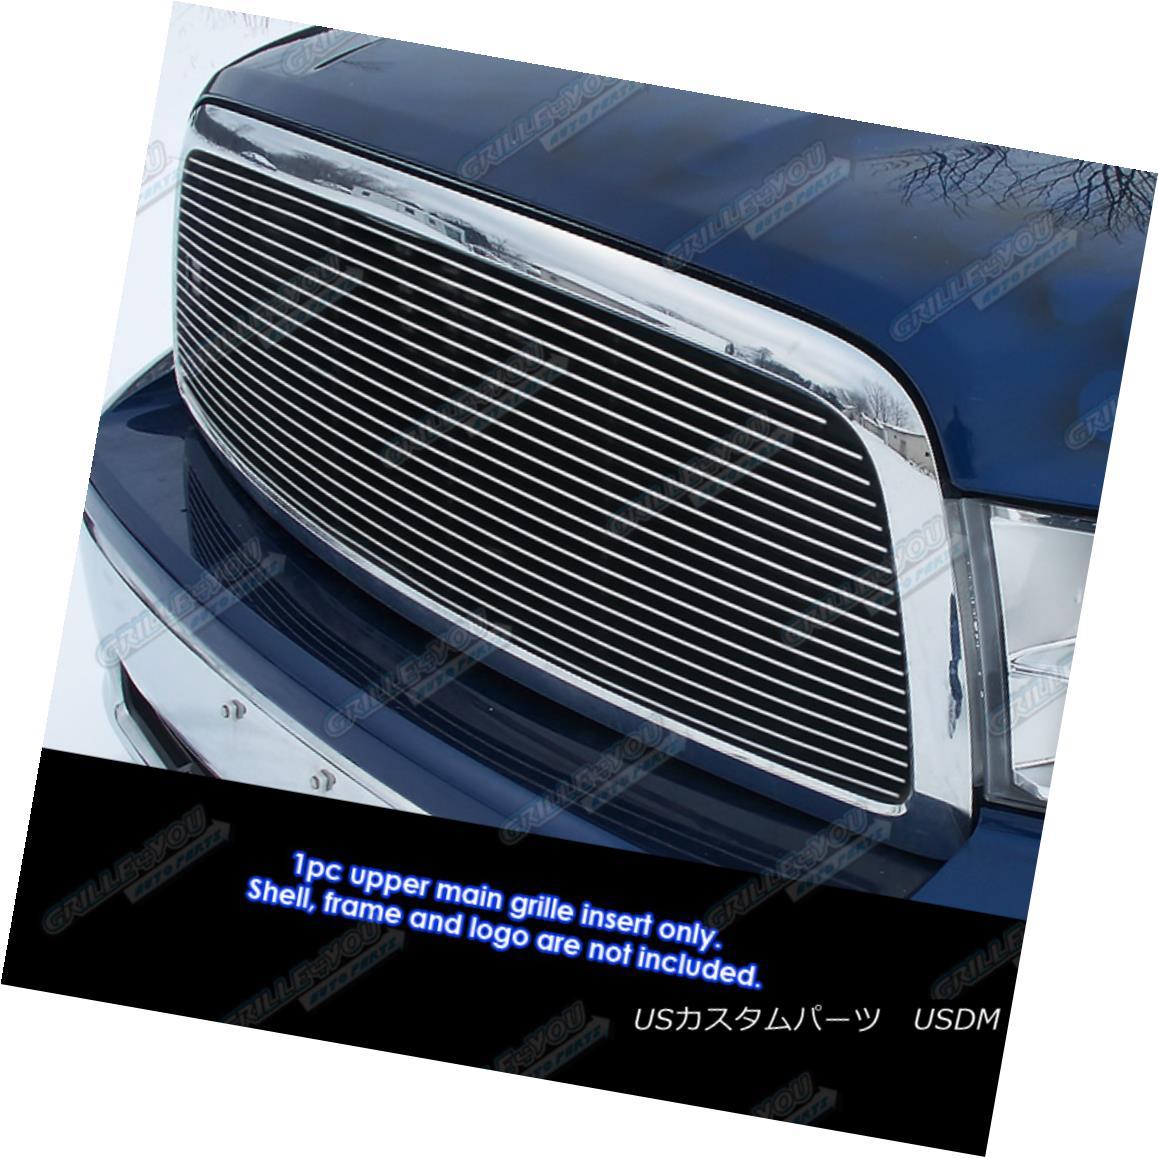 グリル Fits 2009-2012 Dodge Ram 1500 Pickup Truck Billet Grille Grill Insert フィット2009-2012ダッジラム1500ピックアップトラックビレットグリルグリルインサート